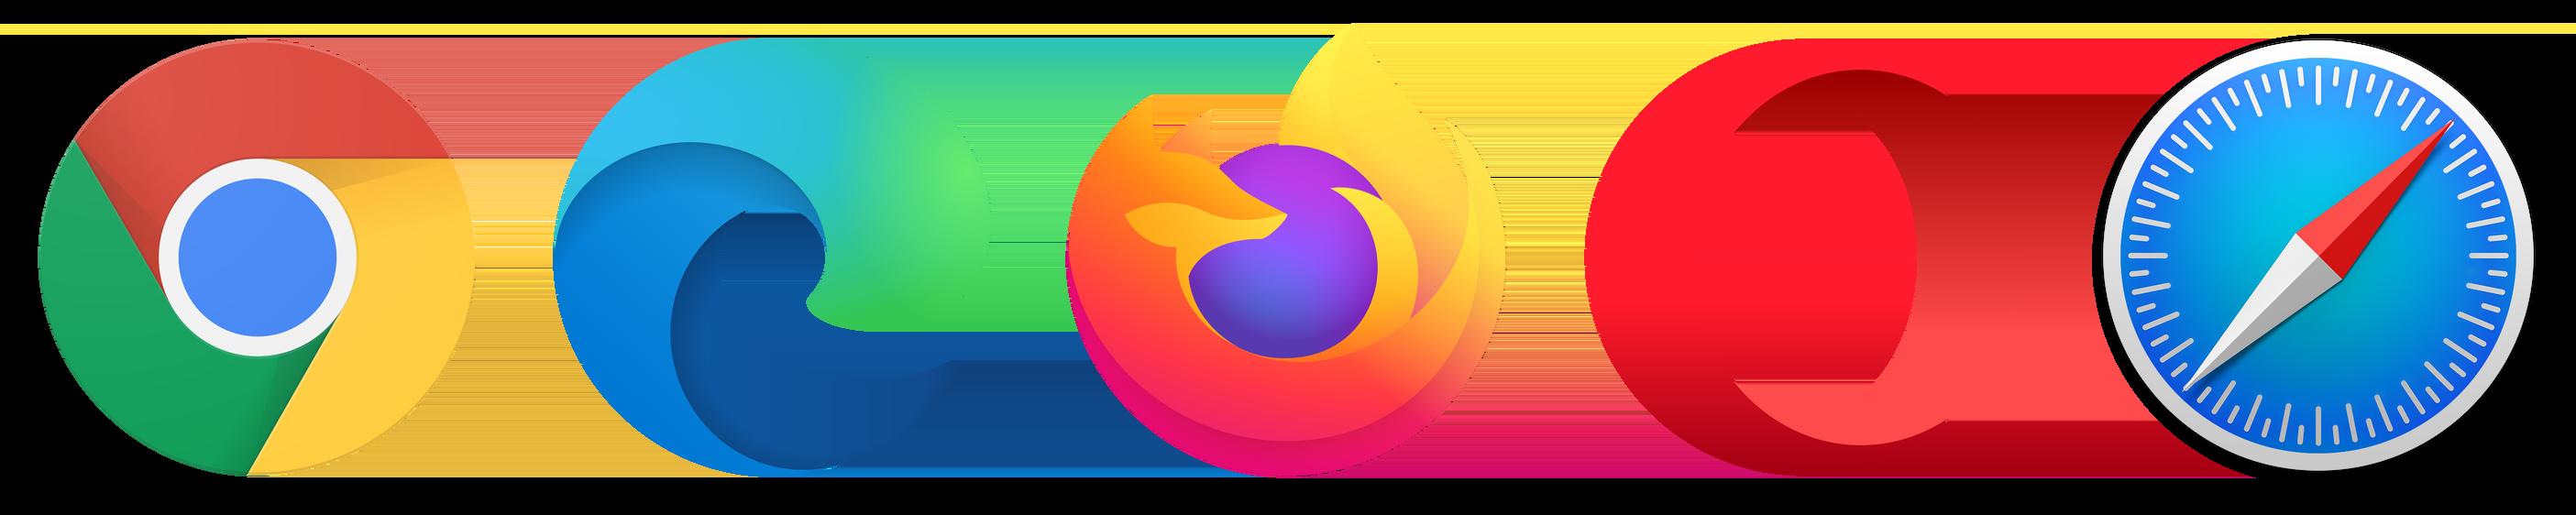 Main desktop browsers